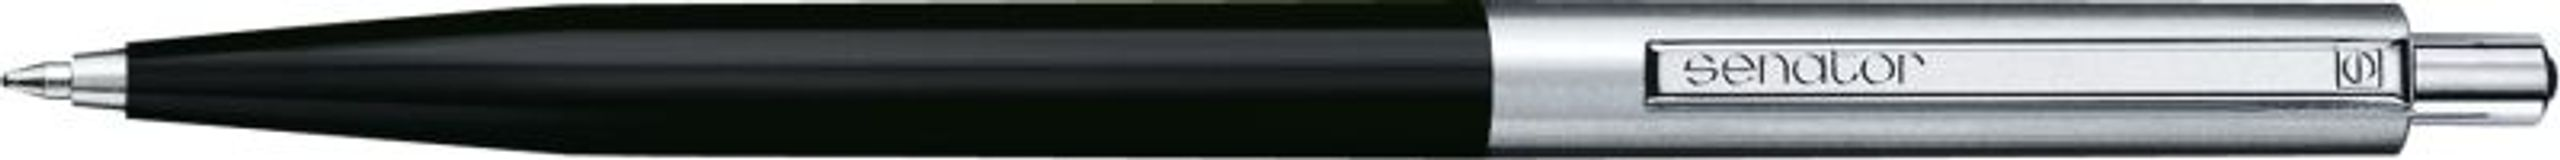 Ручка металлическая Point Polished Metal, черный фото